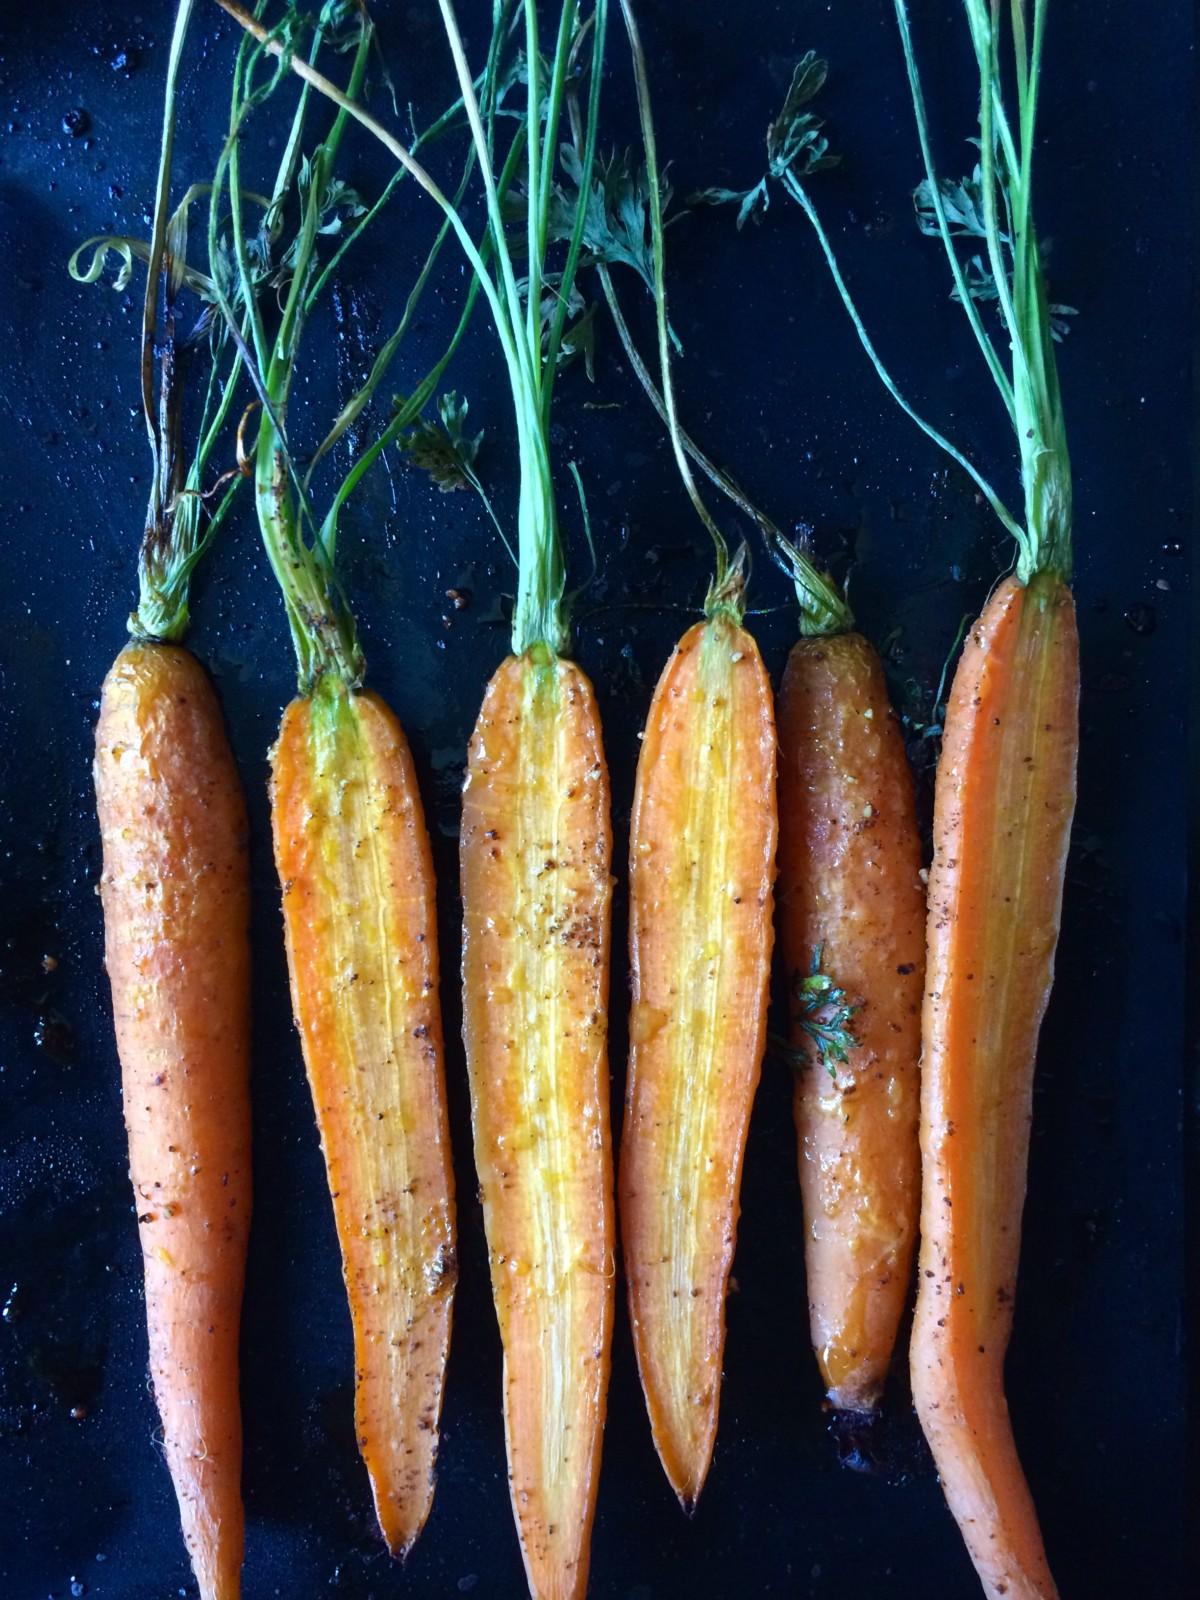 Rüebli mit Kraut aus dem Ofen: Viele Leaf to Root-Rezepte machen Sinn und sind äusserst geschmackvoll.